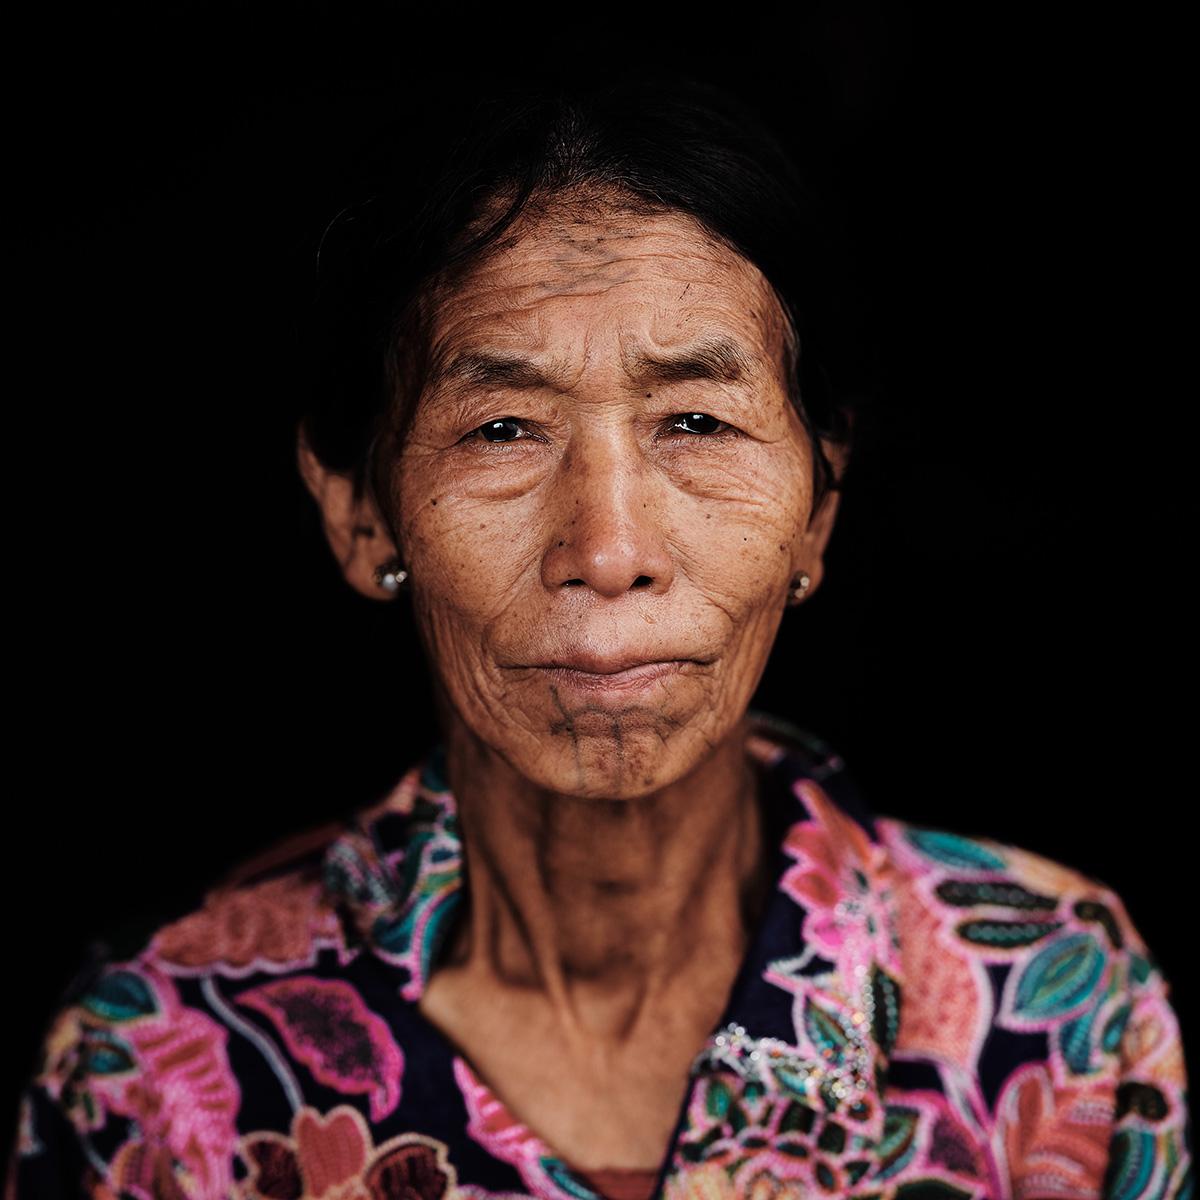 Khiamniungan Naga Woman with Facial Tattoo